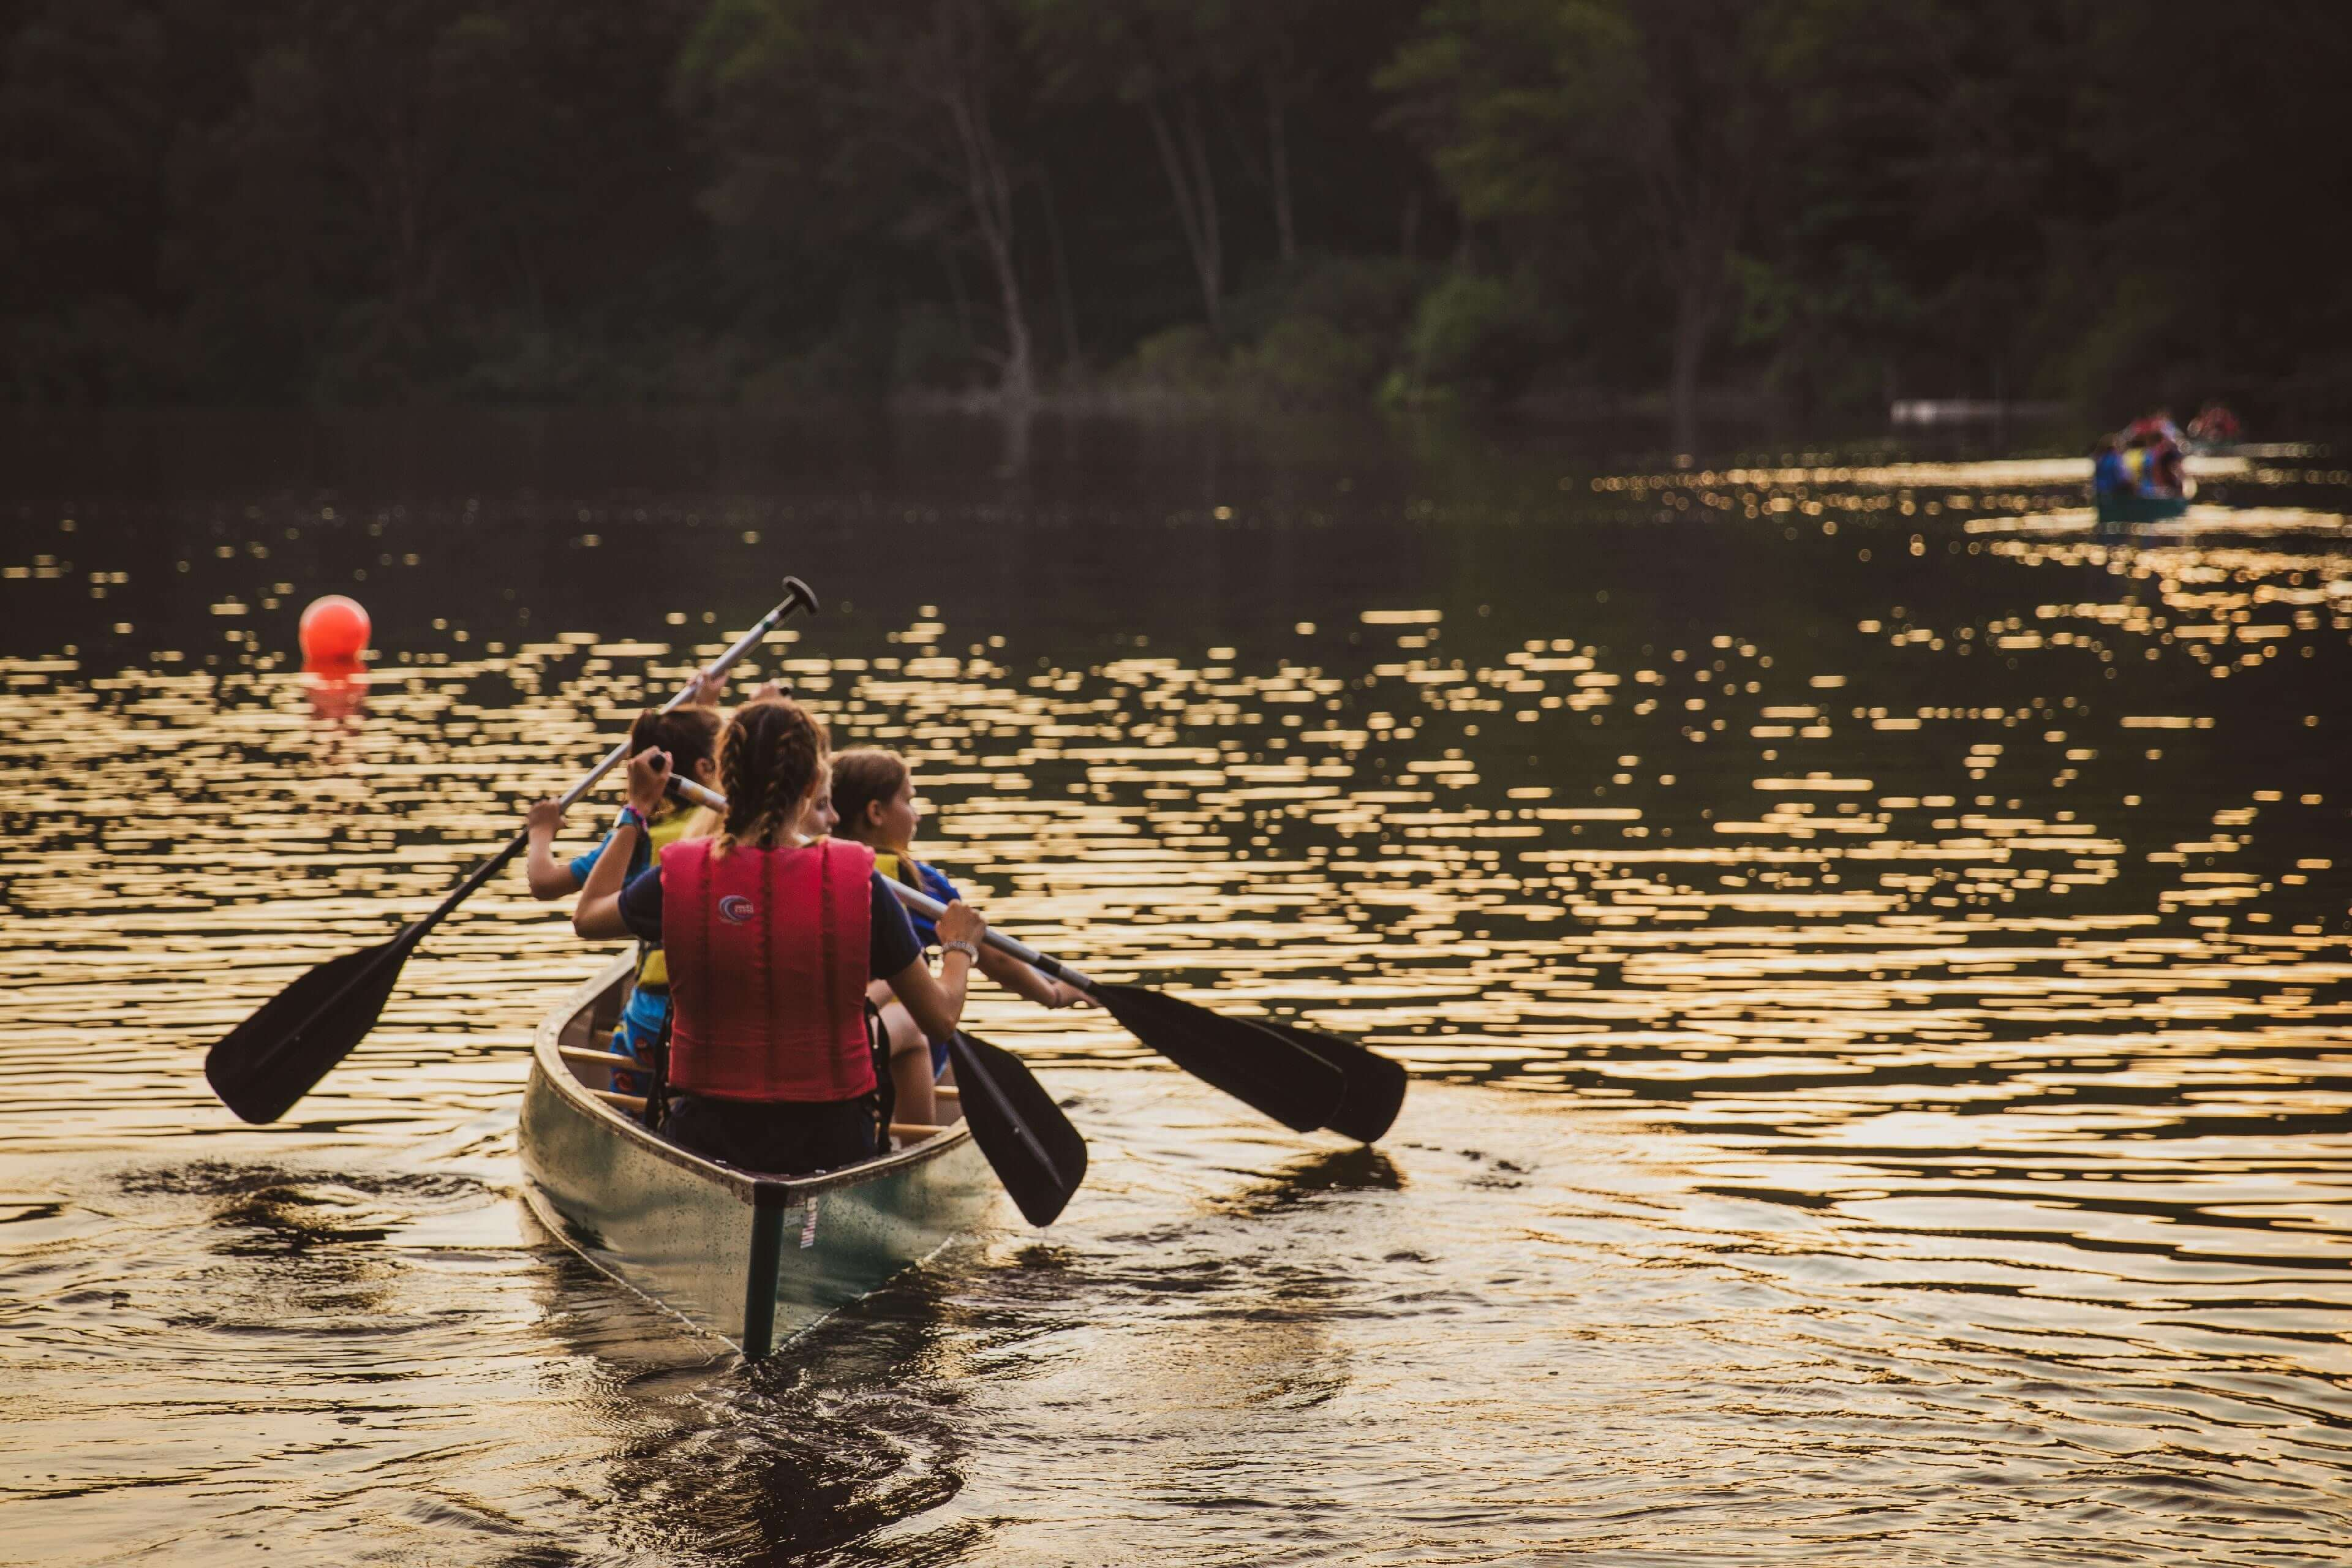 Canoe vacances Weeprep